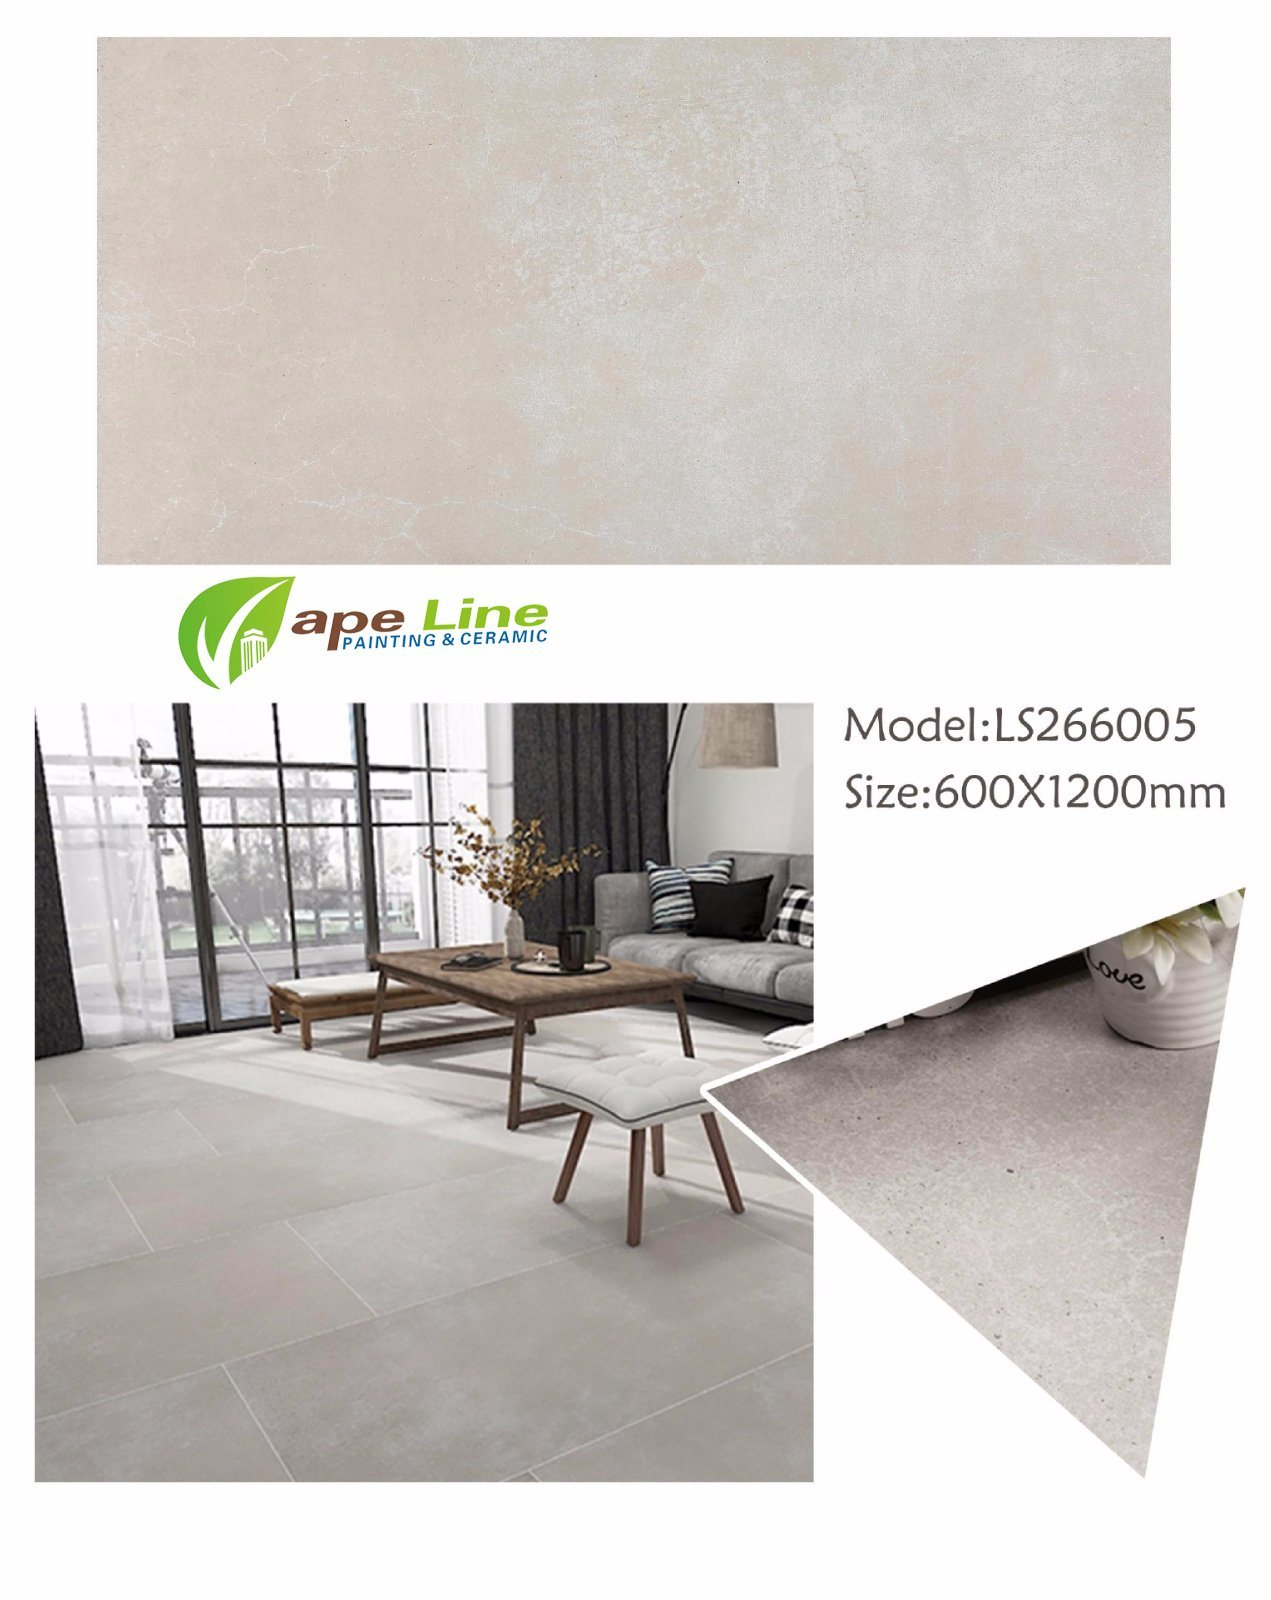 China Rustic Floor Tiles Design Pictures Bedroom Wall 600 X 1200 Mm